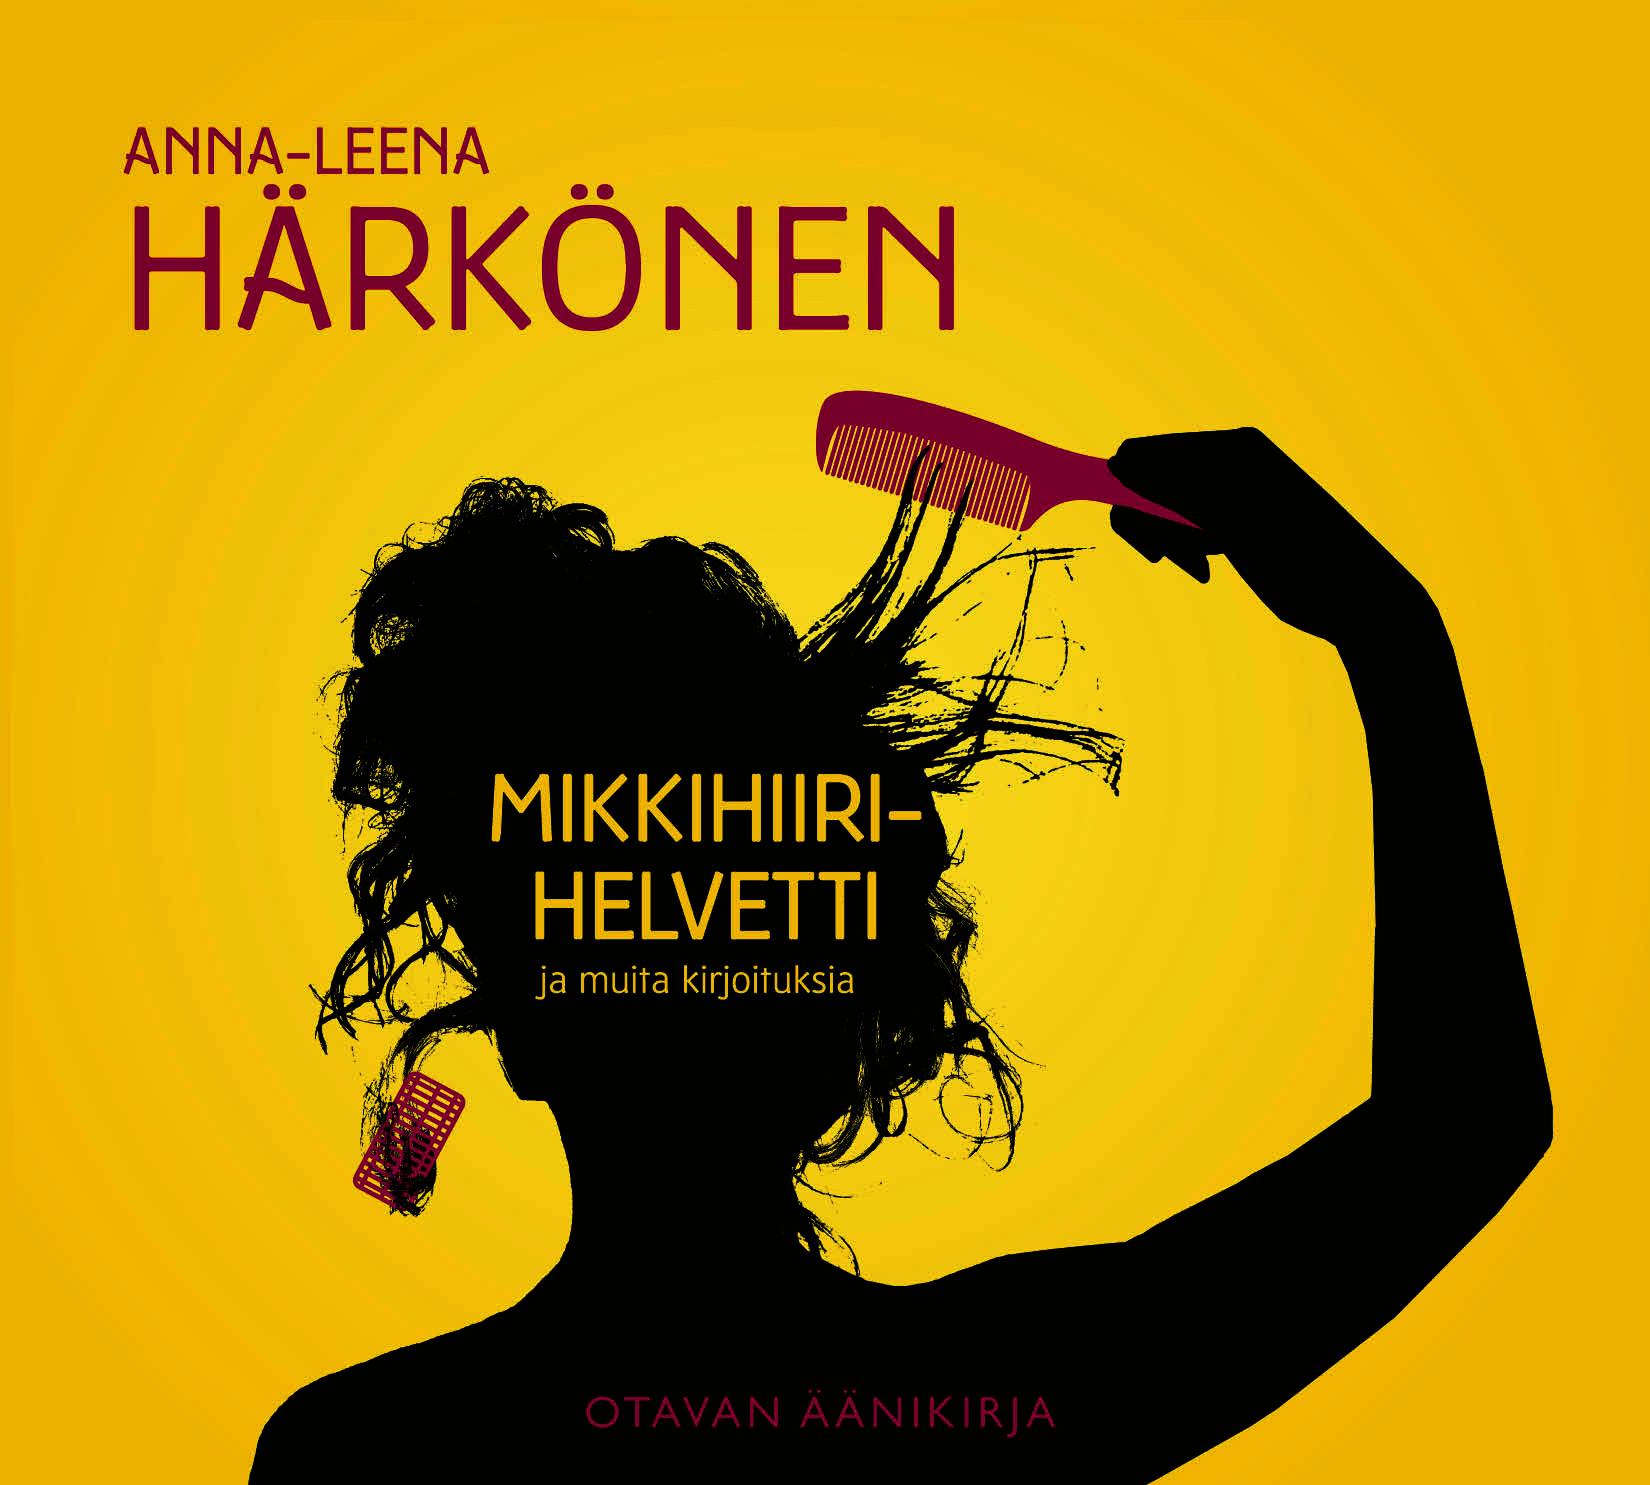 Härkönen, Anna-Leena - Mikkihiirihelvetti ja muita kirjoituksia, audiobook